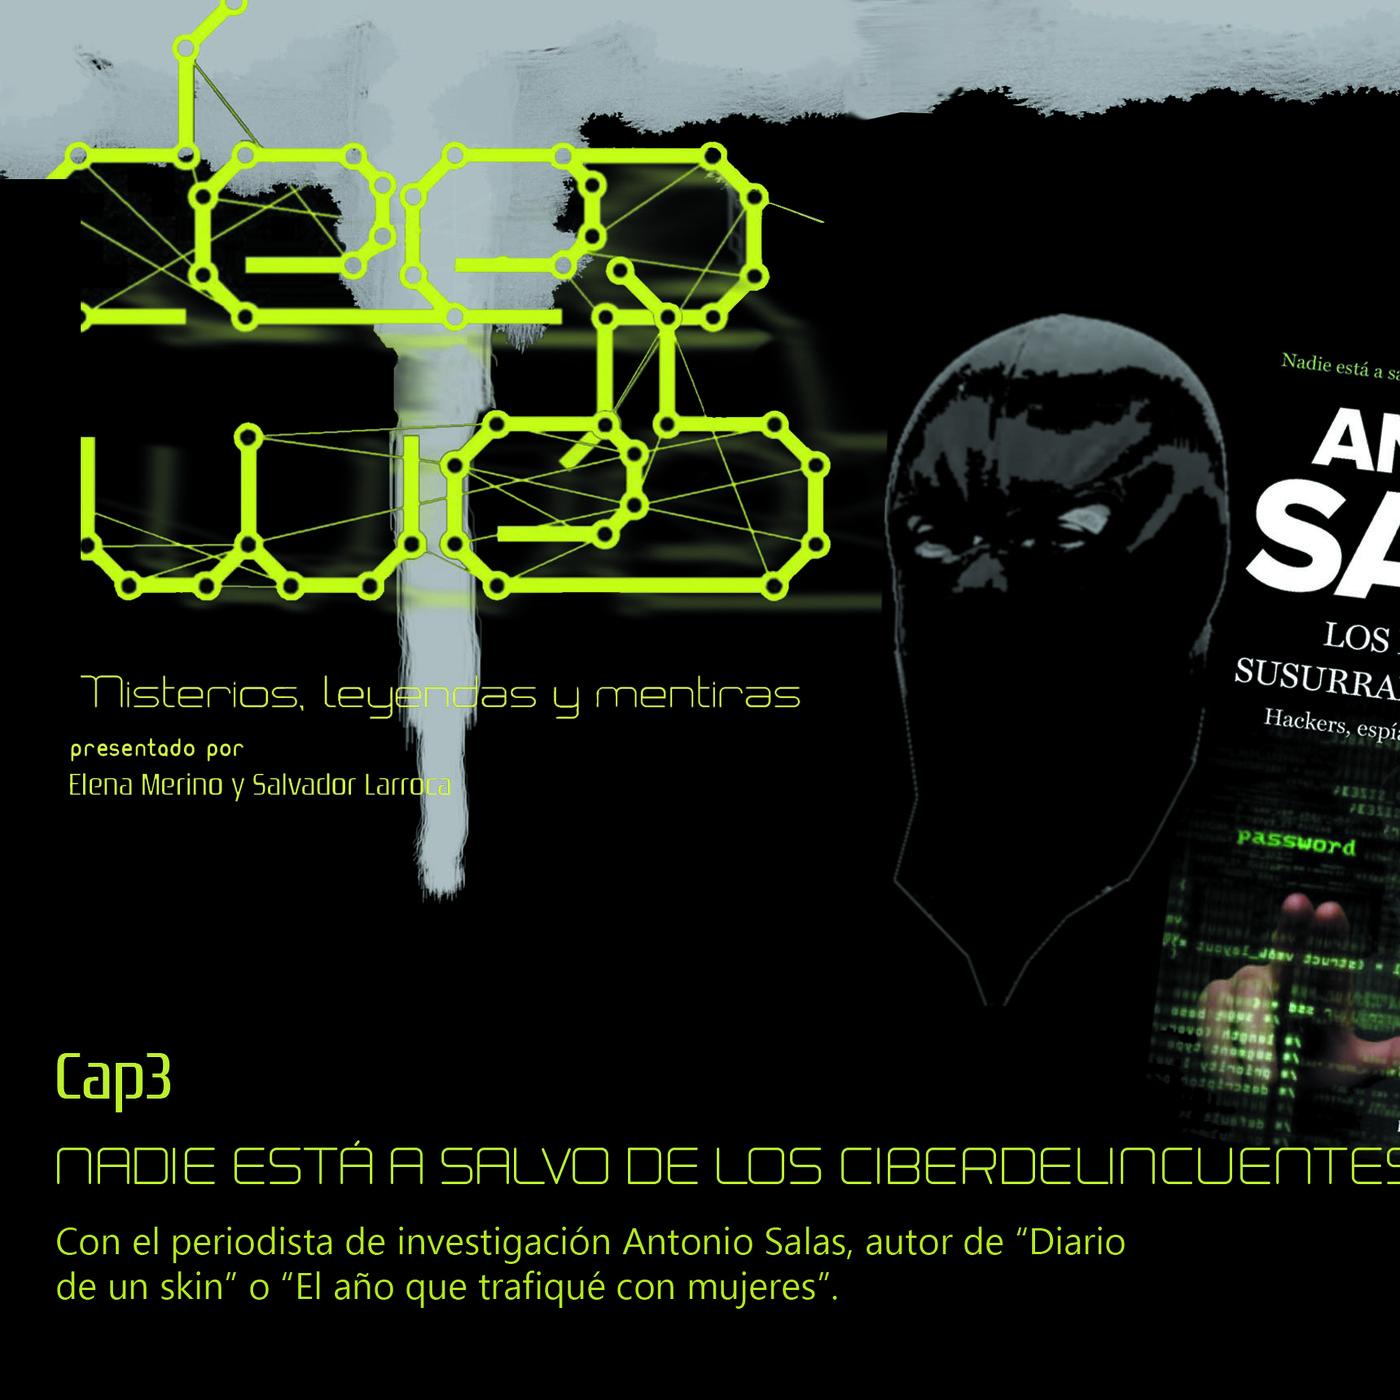 Deep web. Cap 3 'NADIE ESTÁ A SALVO DE LOS CIBERDELINCUENTES', con Antonio Salas.